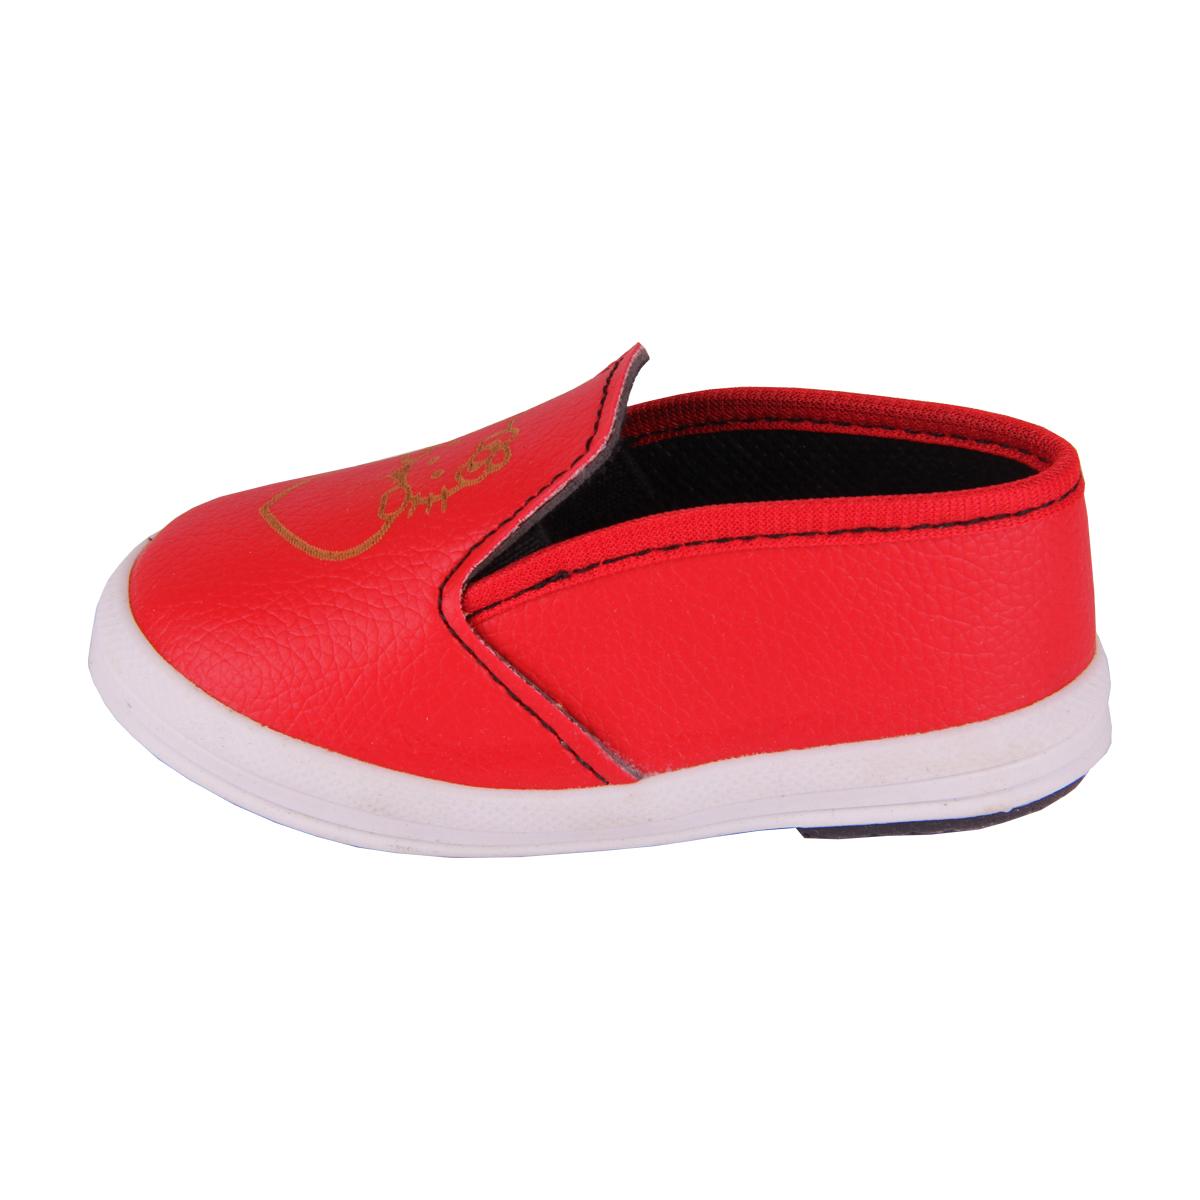 کفش نوزادی کد 17